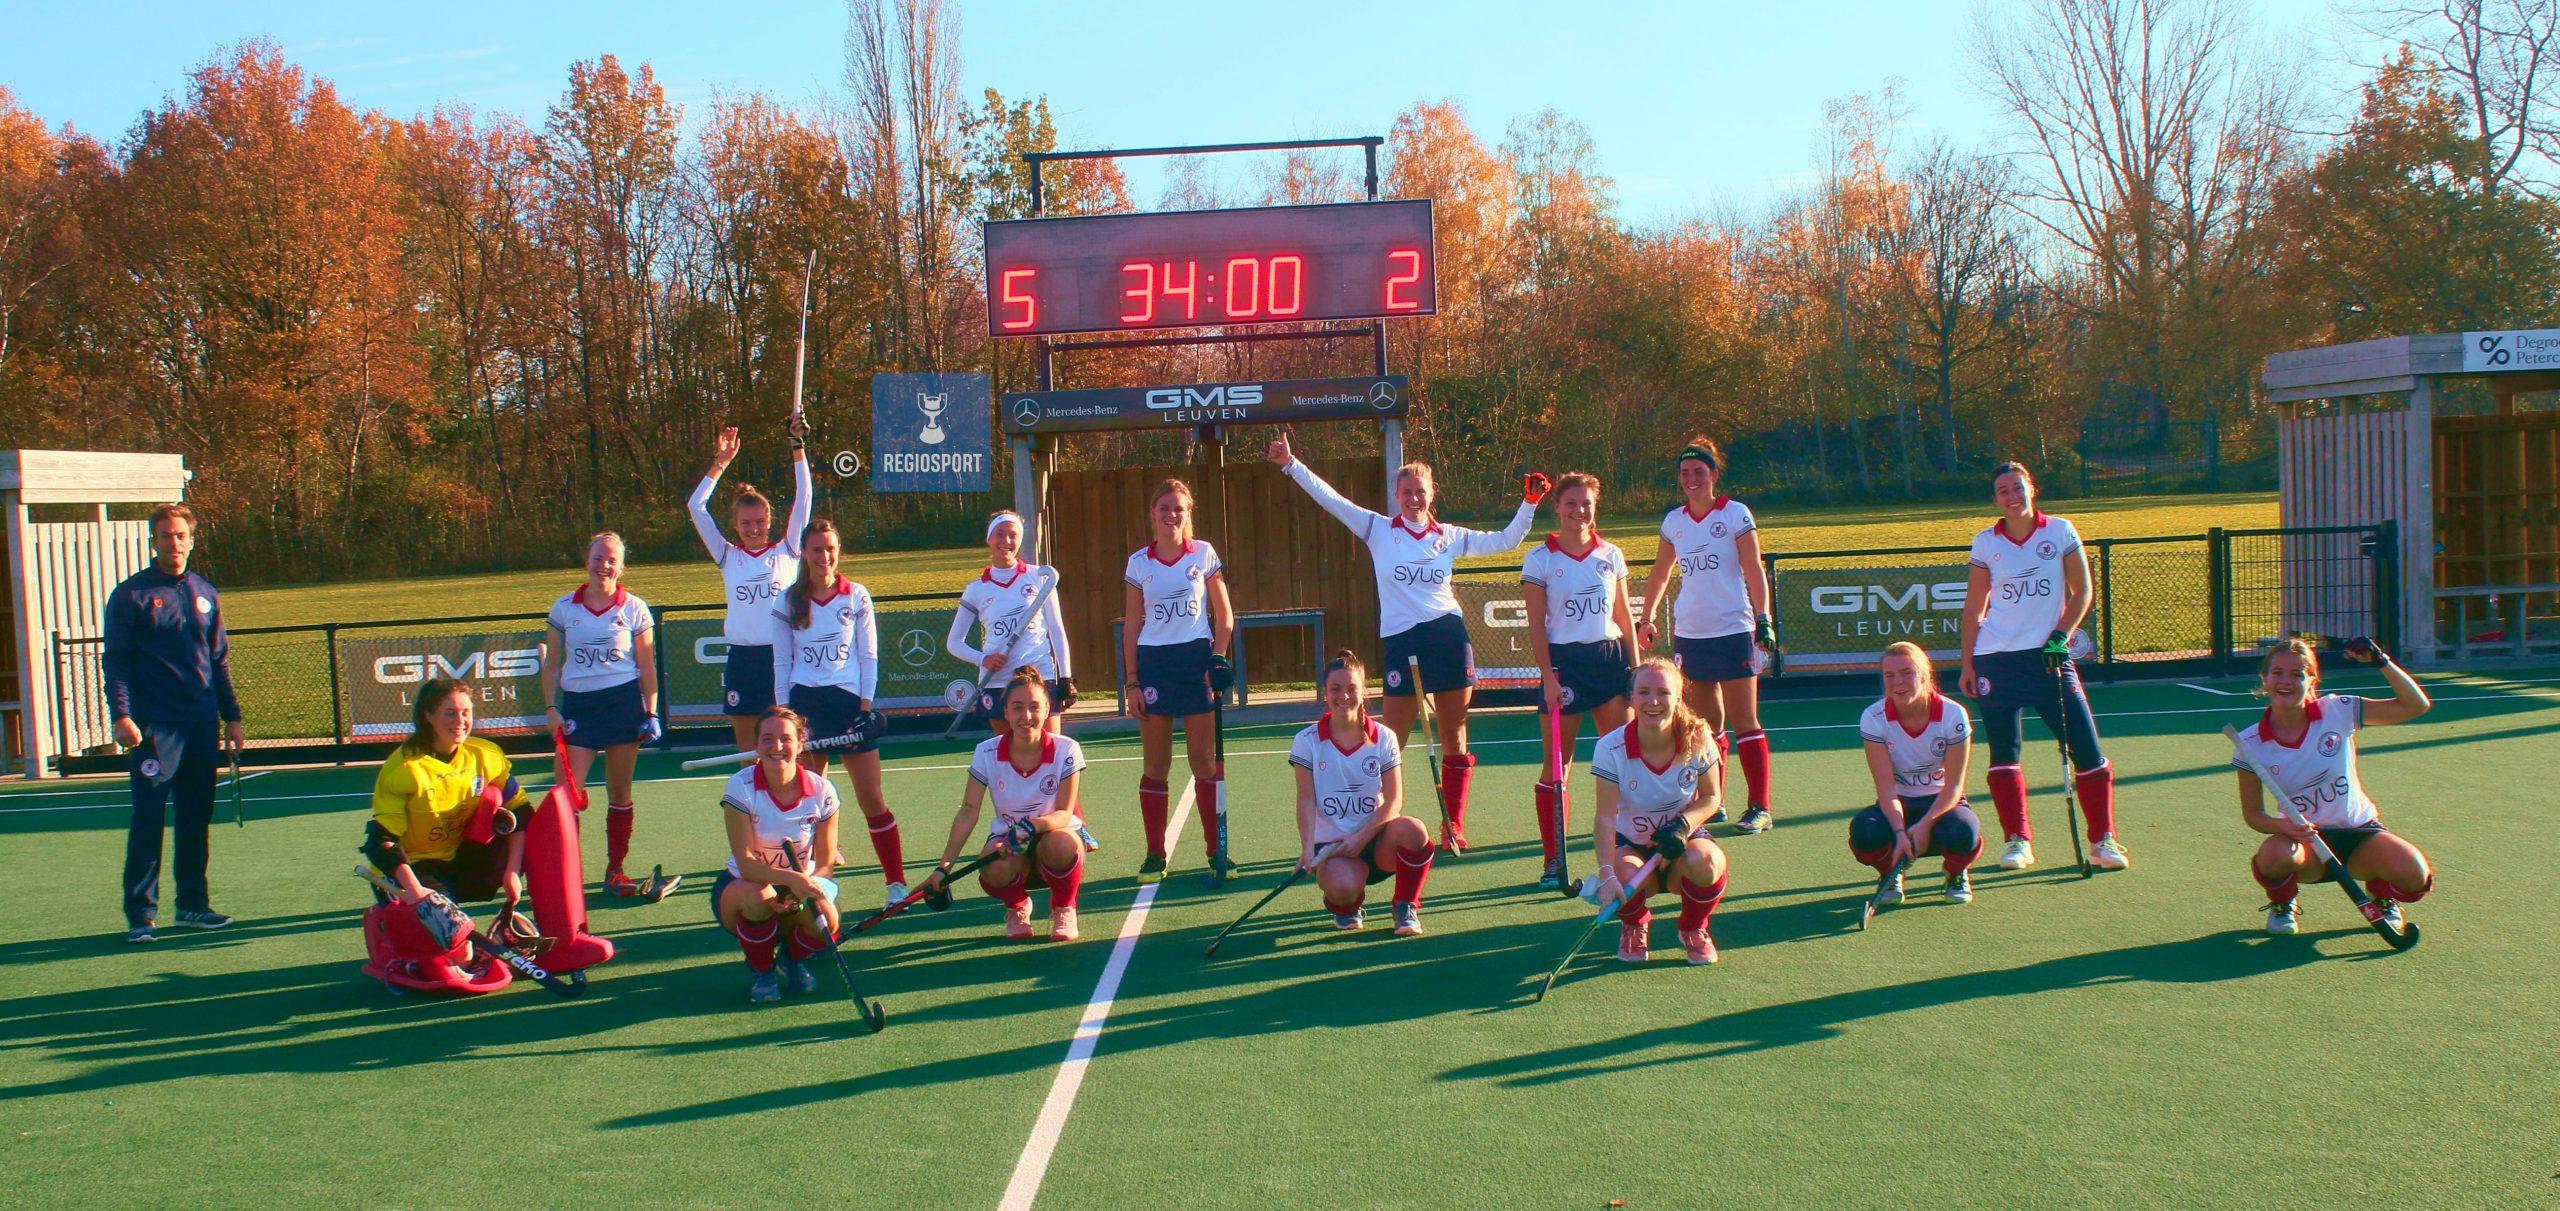 Vrouwen KHC Leuven trekken laken naar zich toe in tweede helft tegen White Star